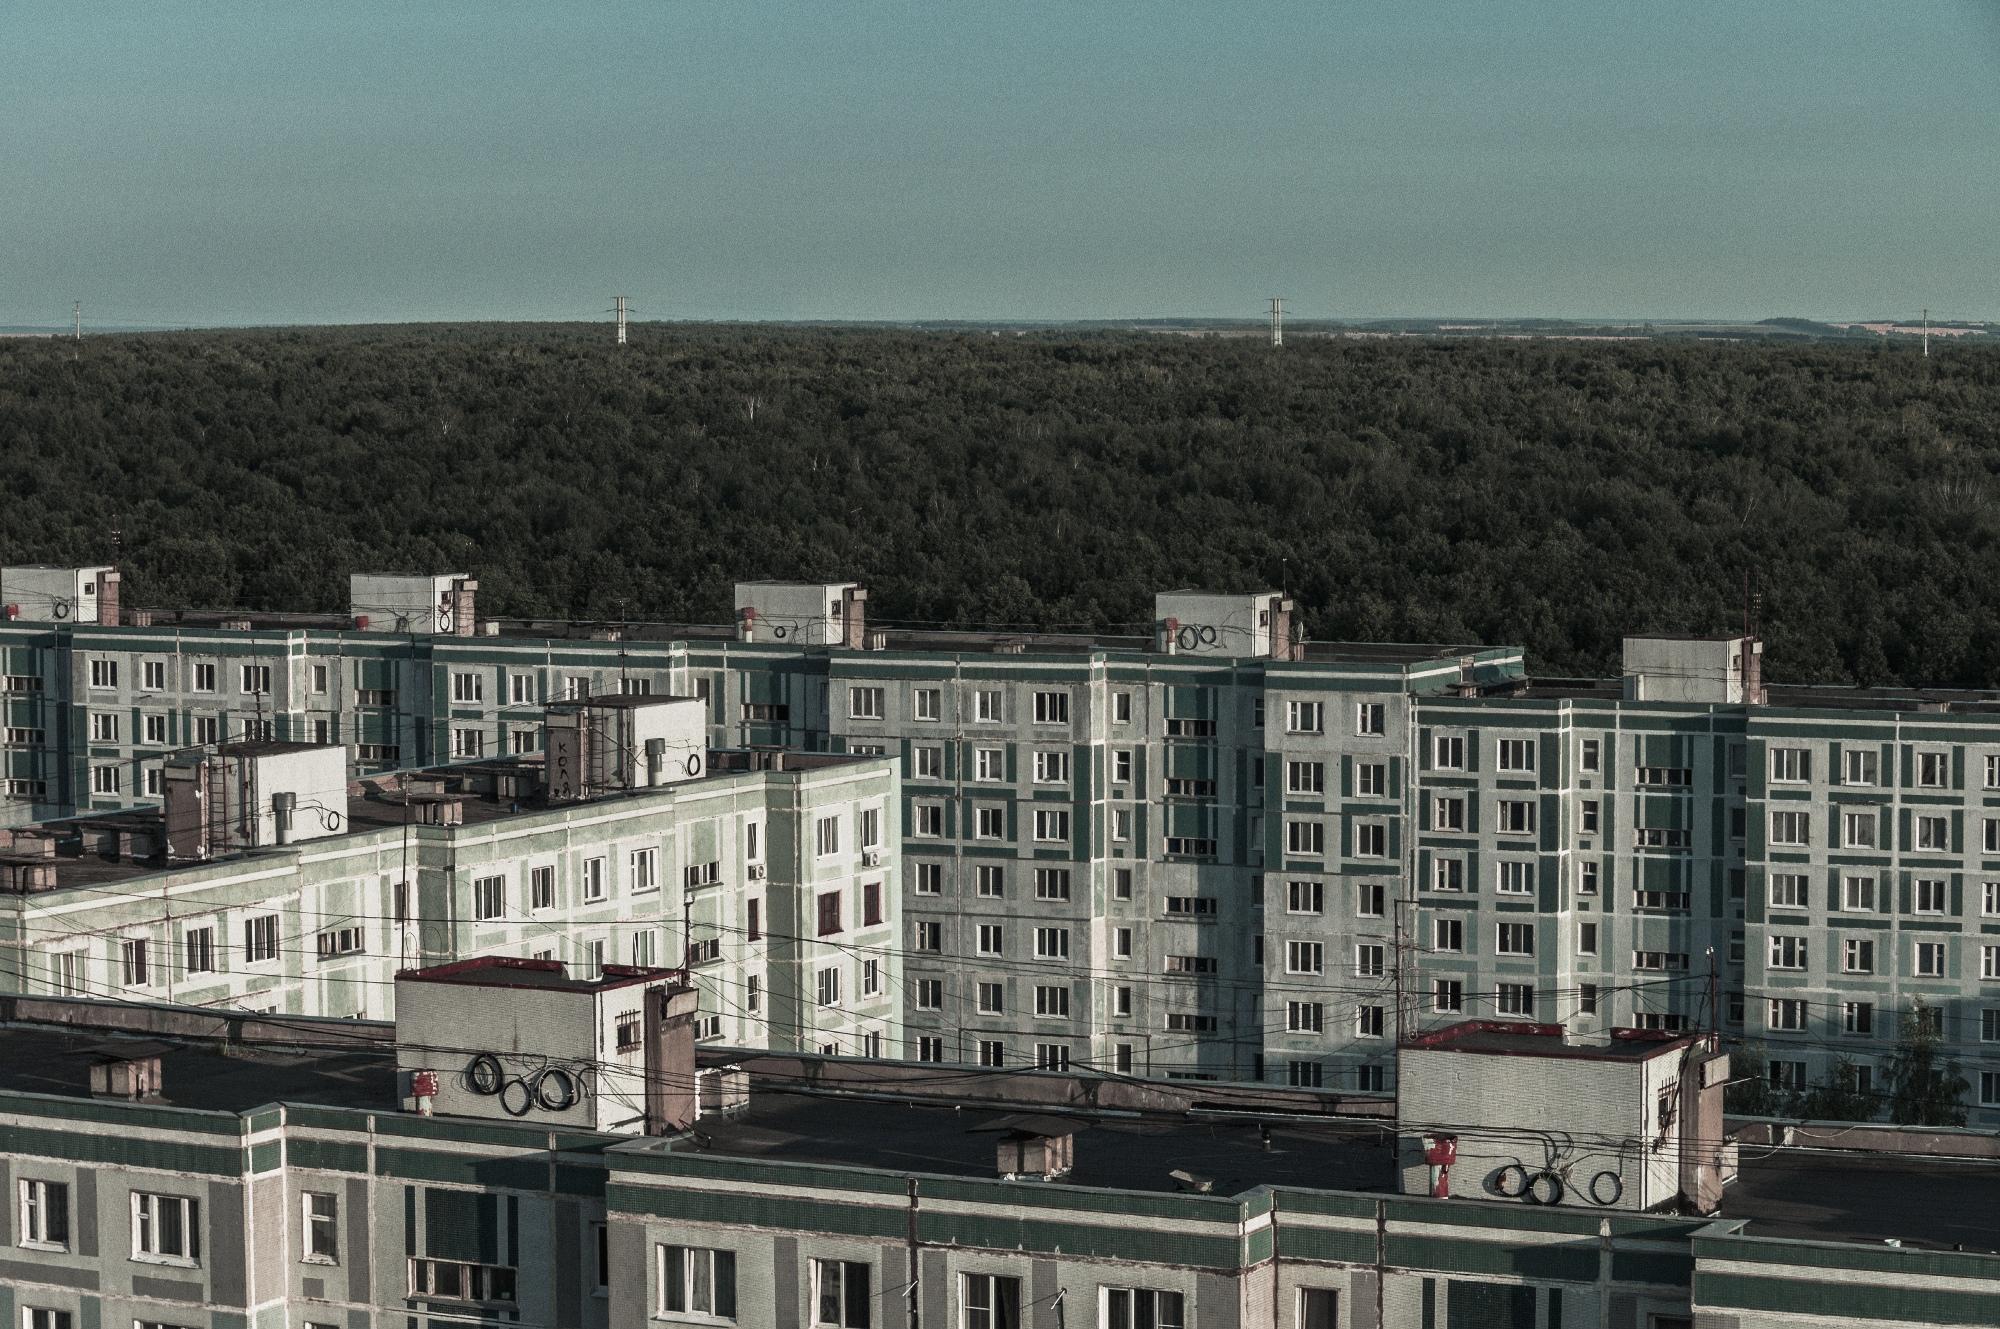 «Ну это и есть Татарстан, понимаете? Поднялся на крышу и страшно: видишь, как жилой квартал обрывается ничем — дальше только лес, поля, ЛЭП. И всё. Только я пока не понял, чем Татарстан отличается от России».